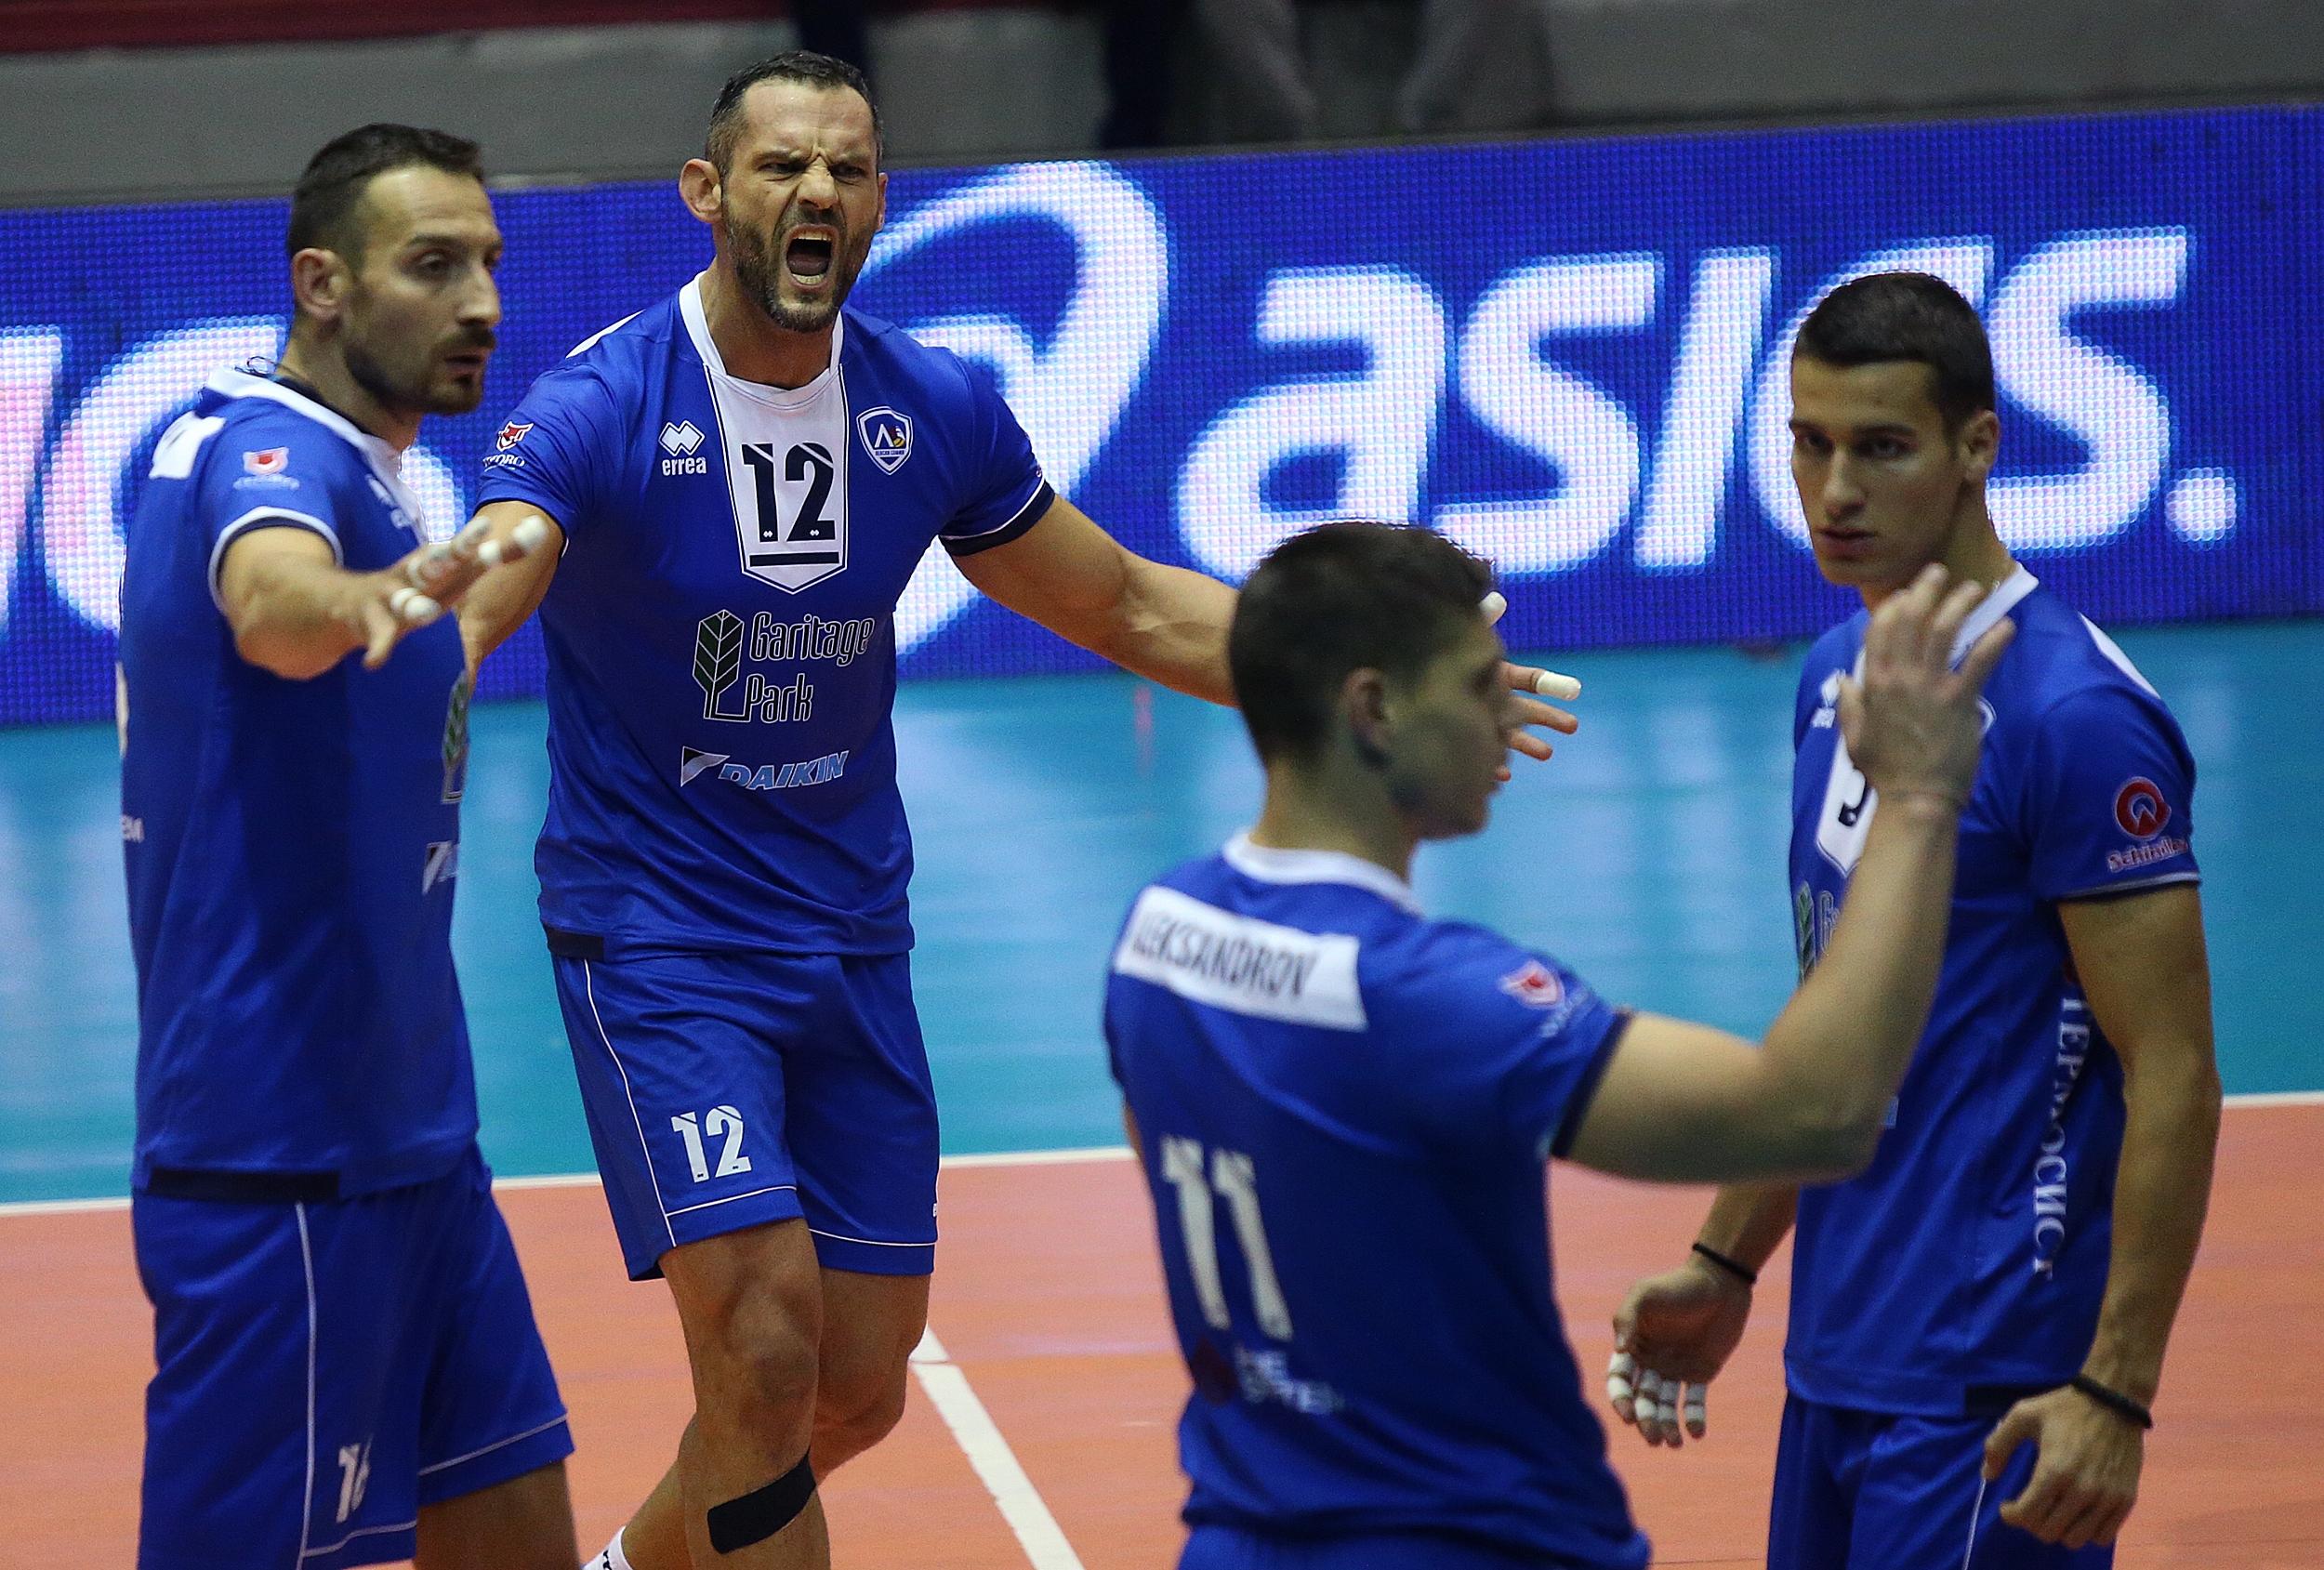 Волейболният отбор на Левски записа едва 3-а победа от началото